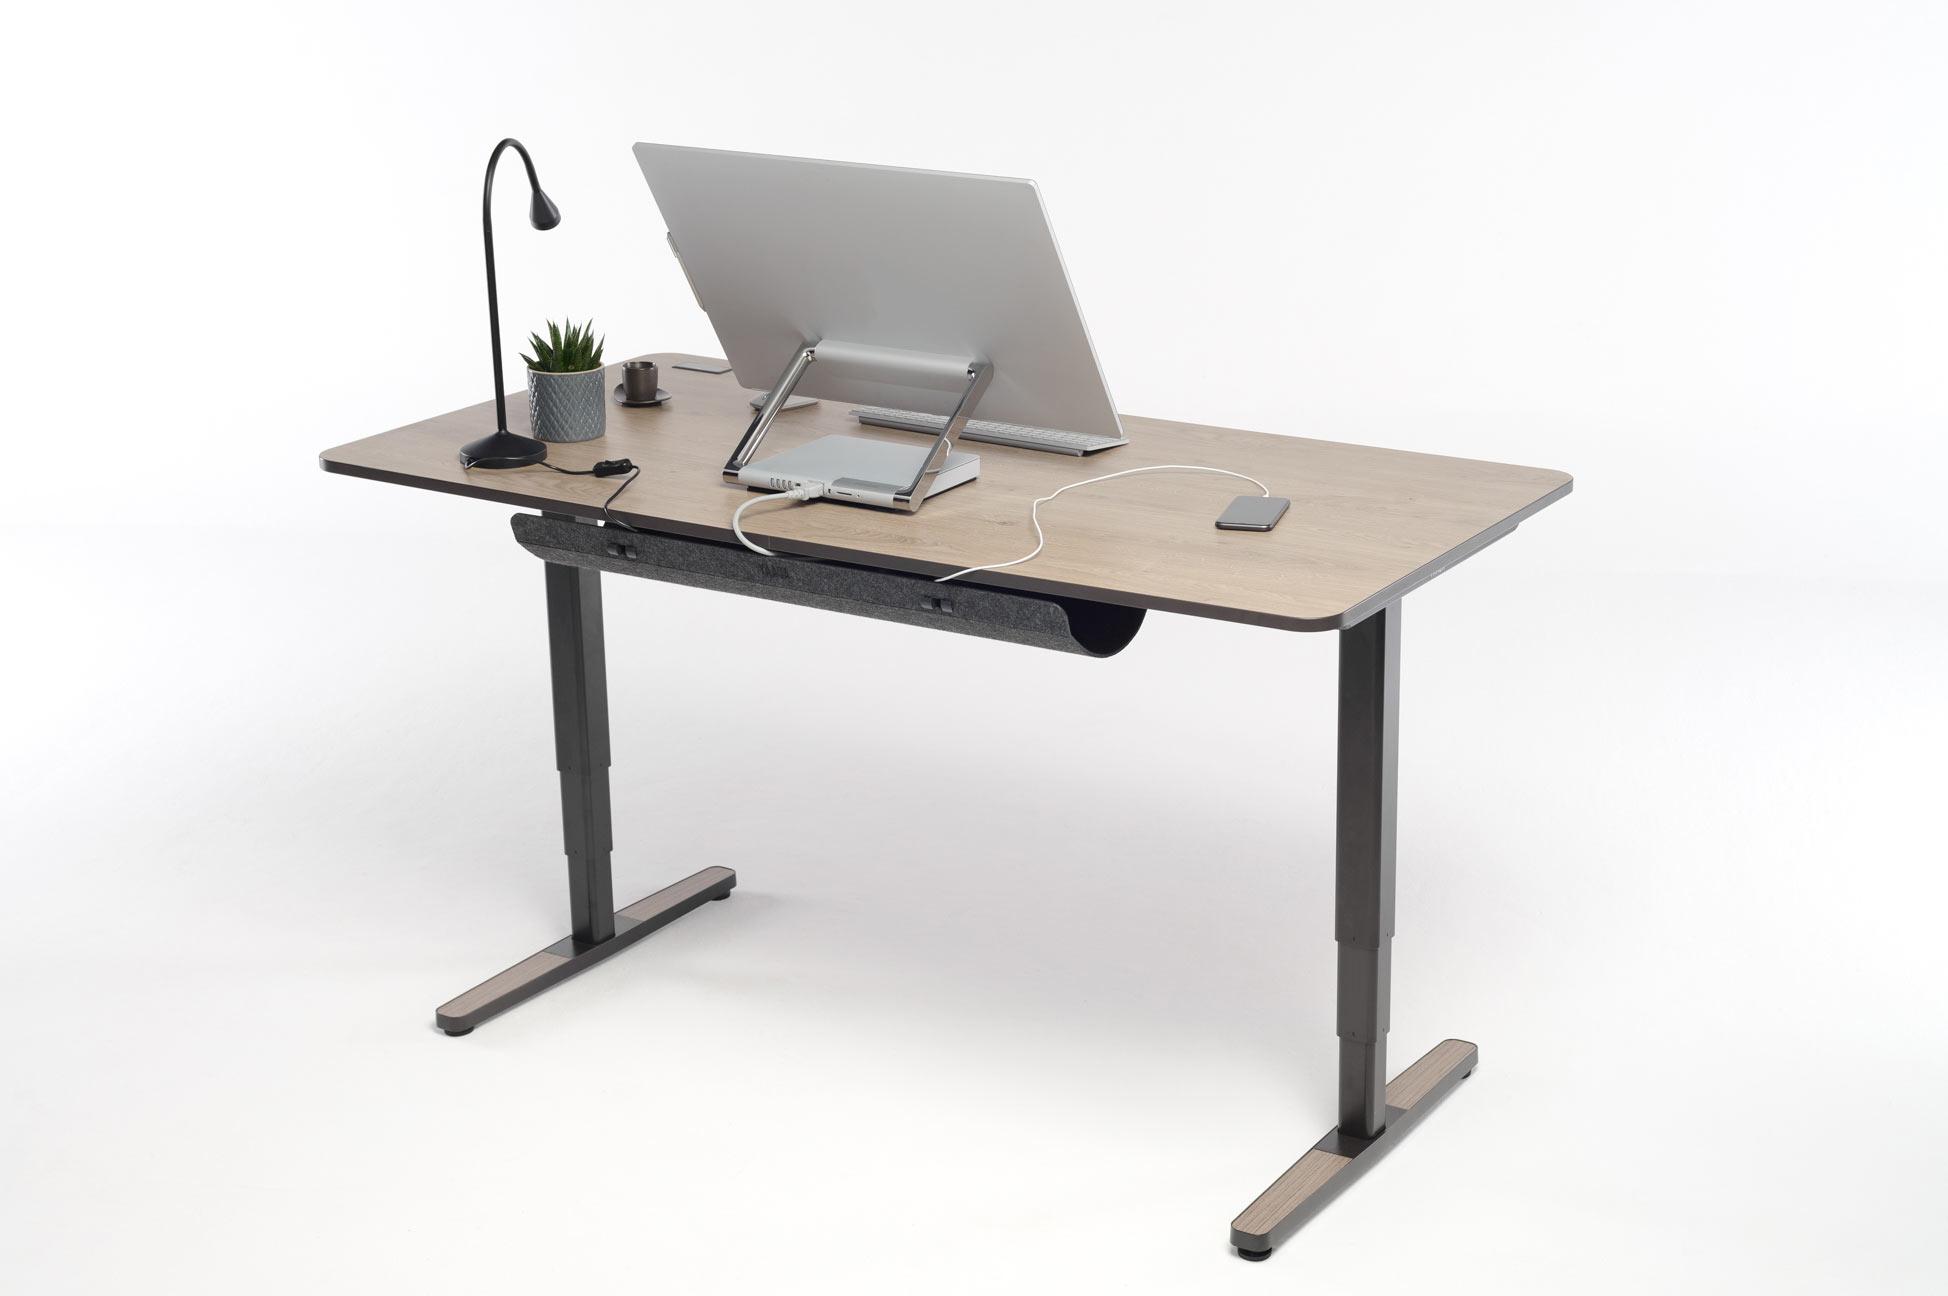 Das Cable Management lässt sich ideal mit dem Yaasa Desk kombinieren.